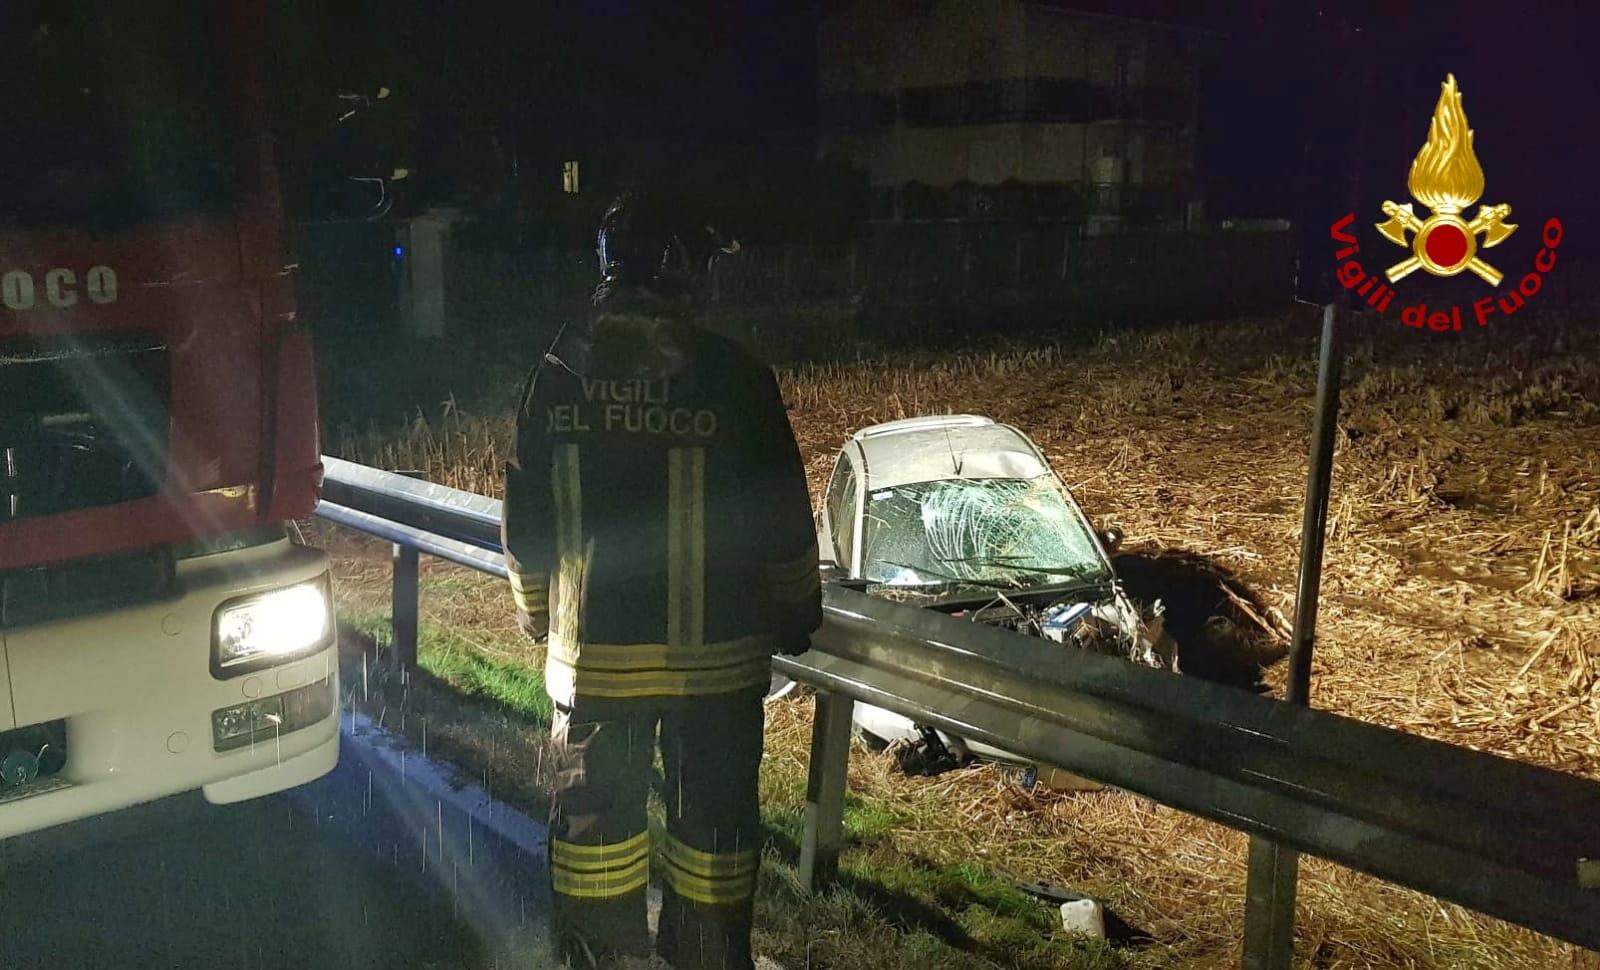 Auto fuoristrada a Mondovì: un ferito lieve trasportato in ospedale